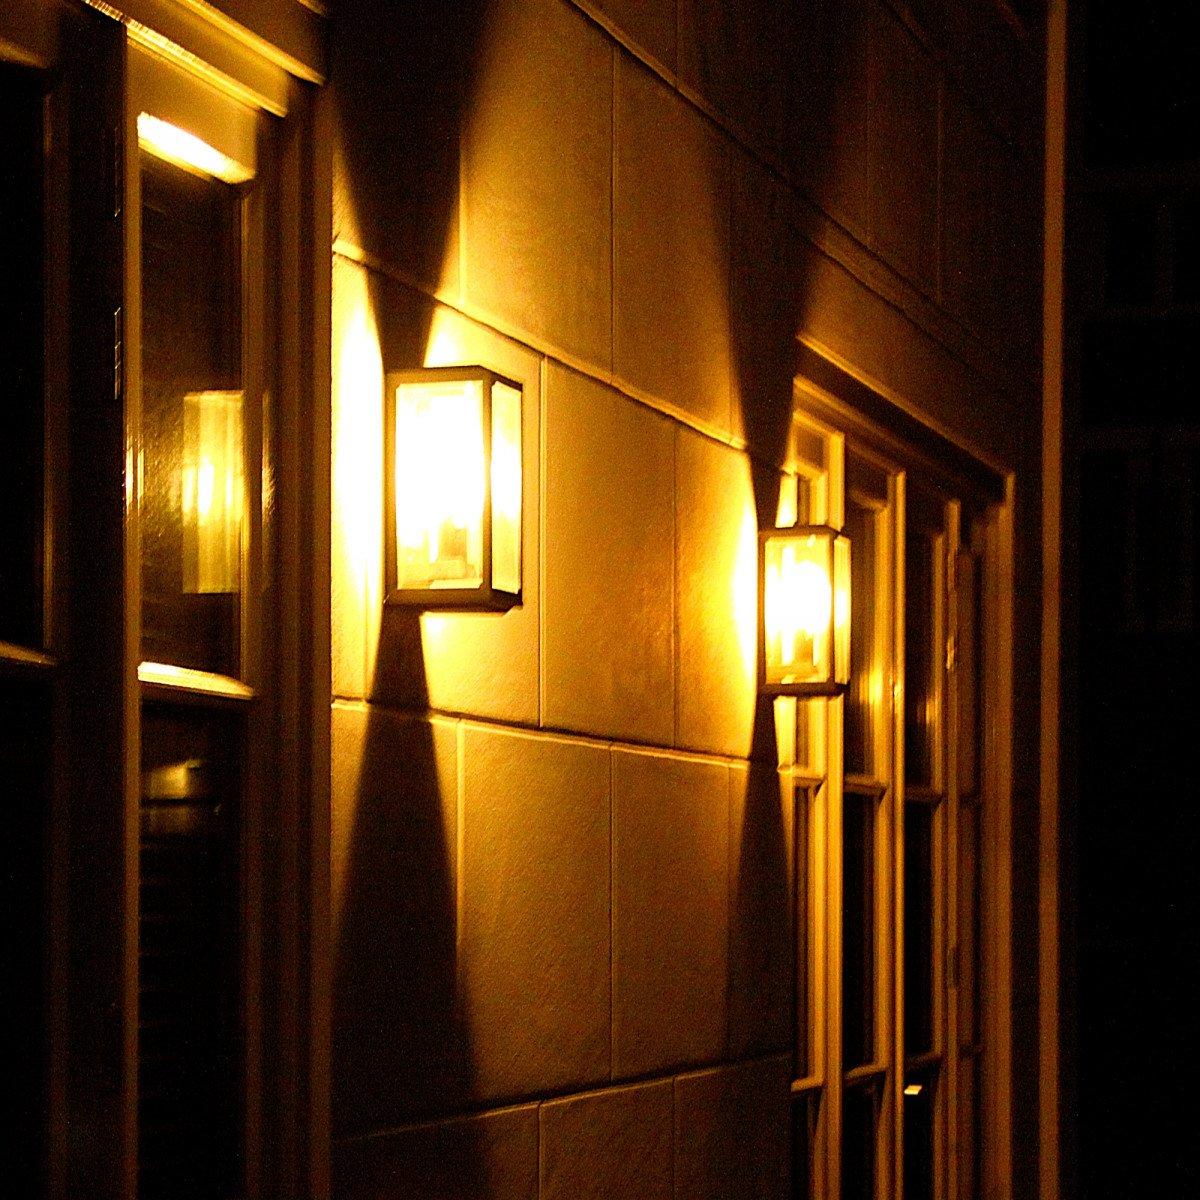 Flache Kubische Wandlampe Gooi - Wandleuchte - Außenwandleuchte - Nostalux